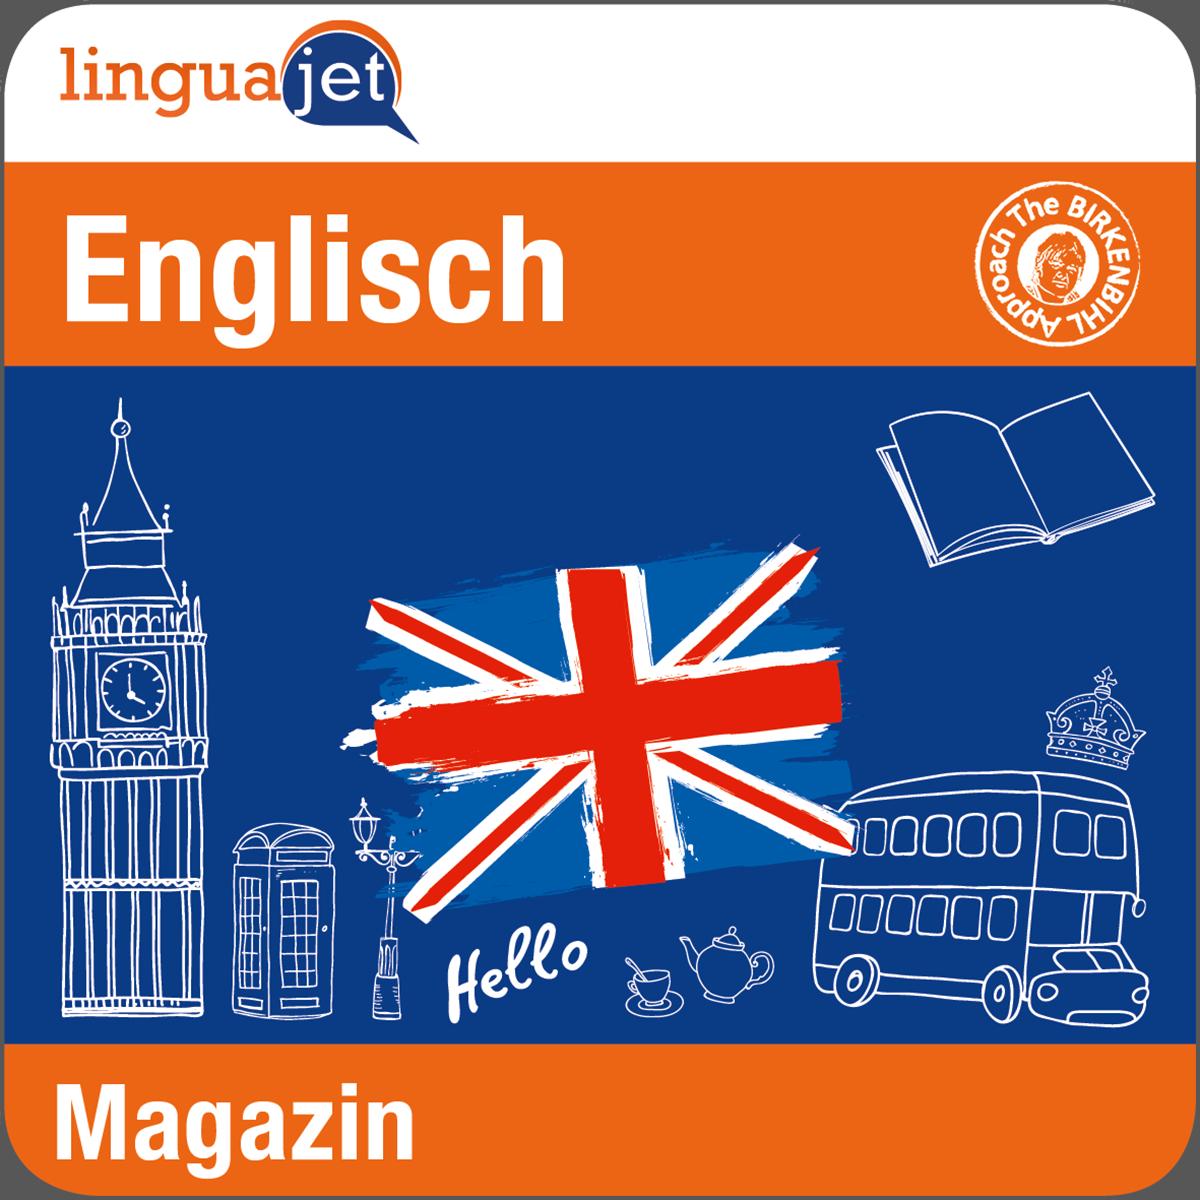 Mit dem Englischkurs online Magazin die Fremdsprache vertiefen